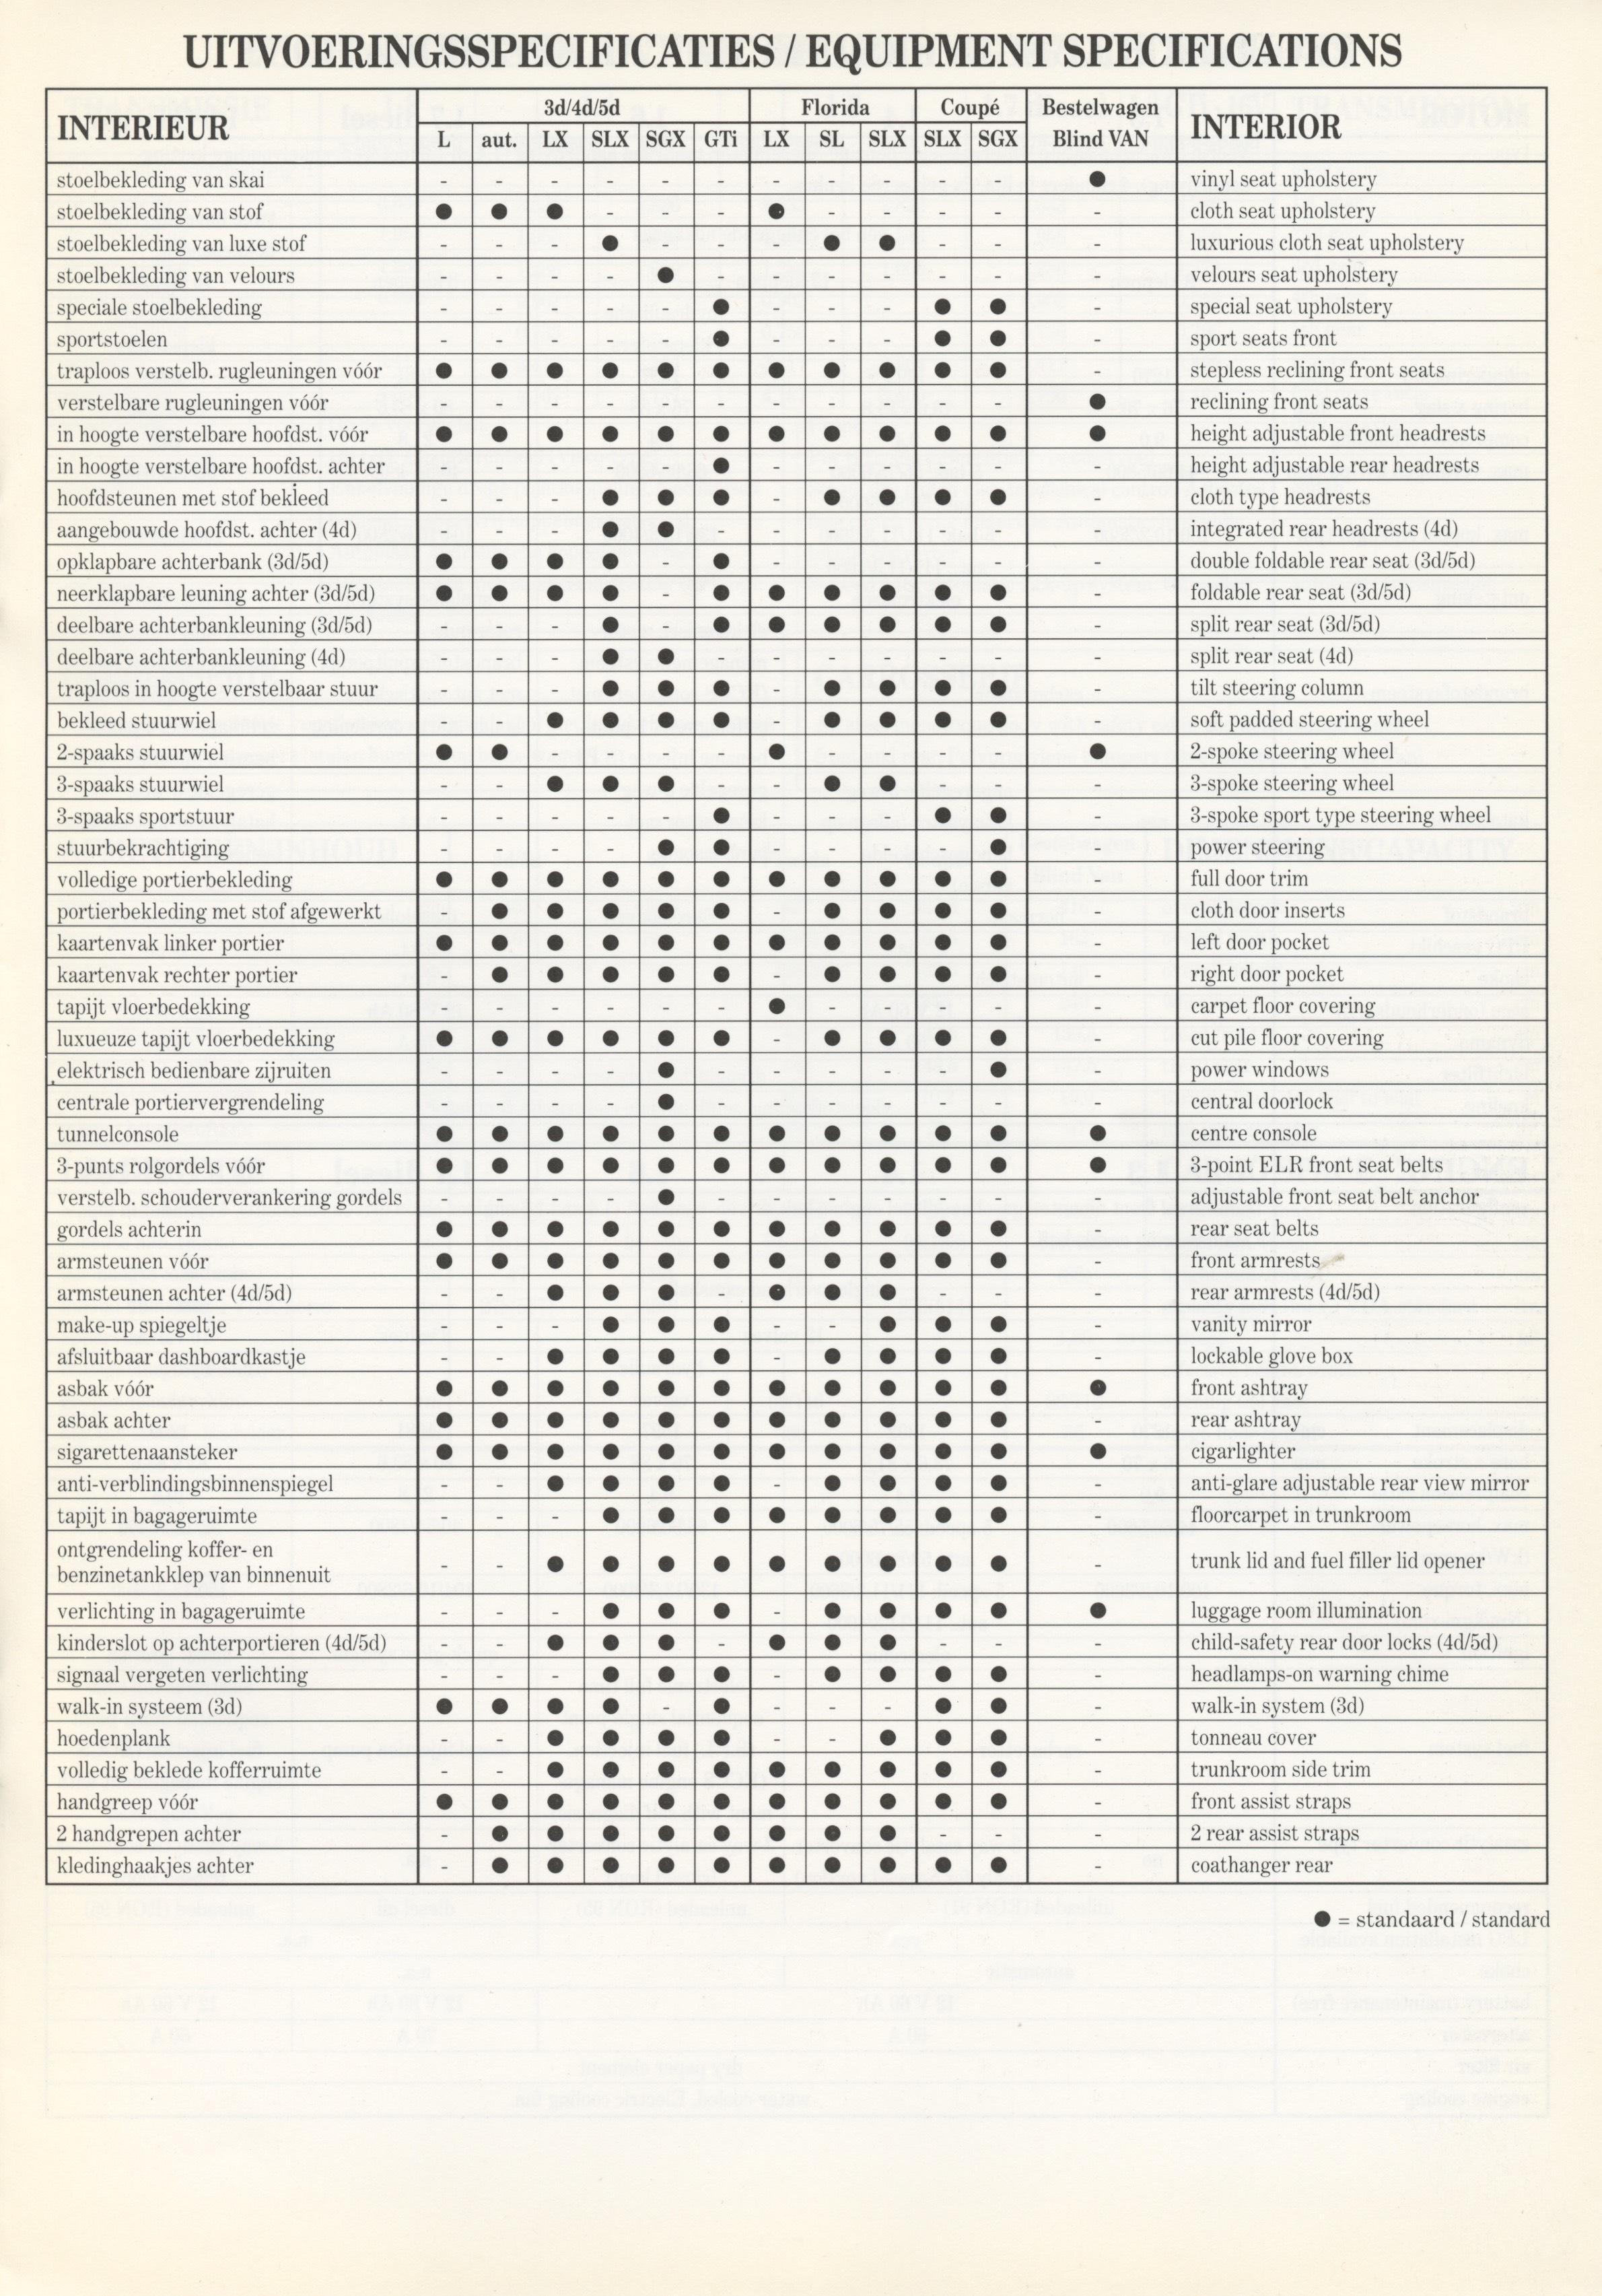 nissan-sunny-n13-dutch-techspecs-p03